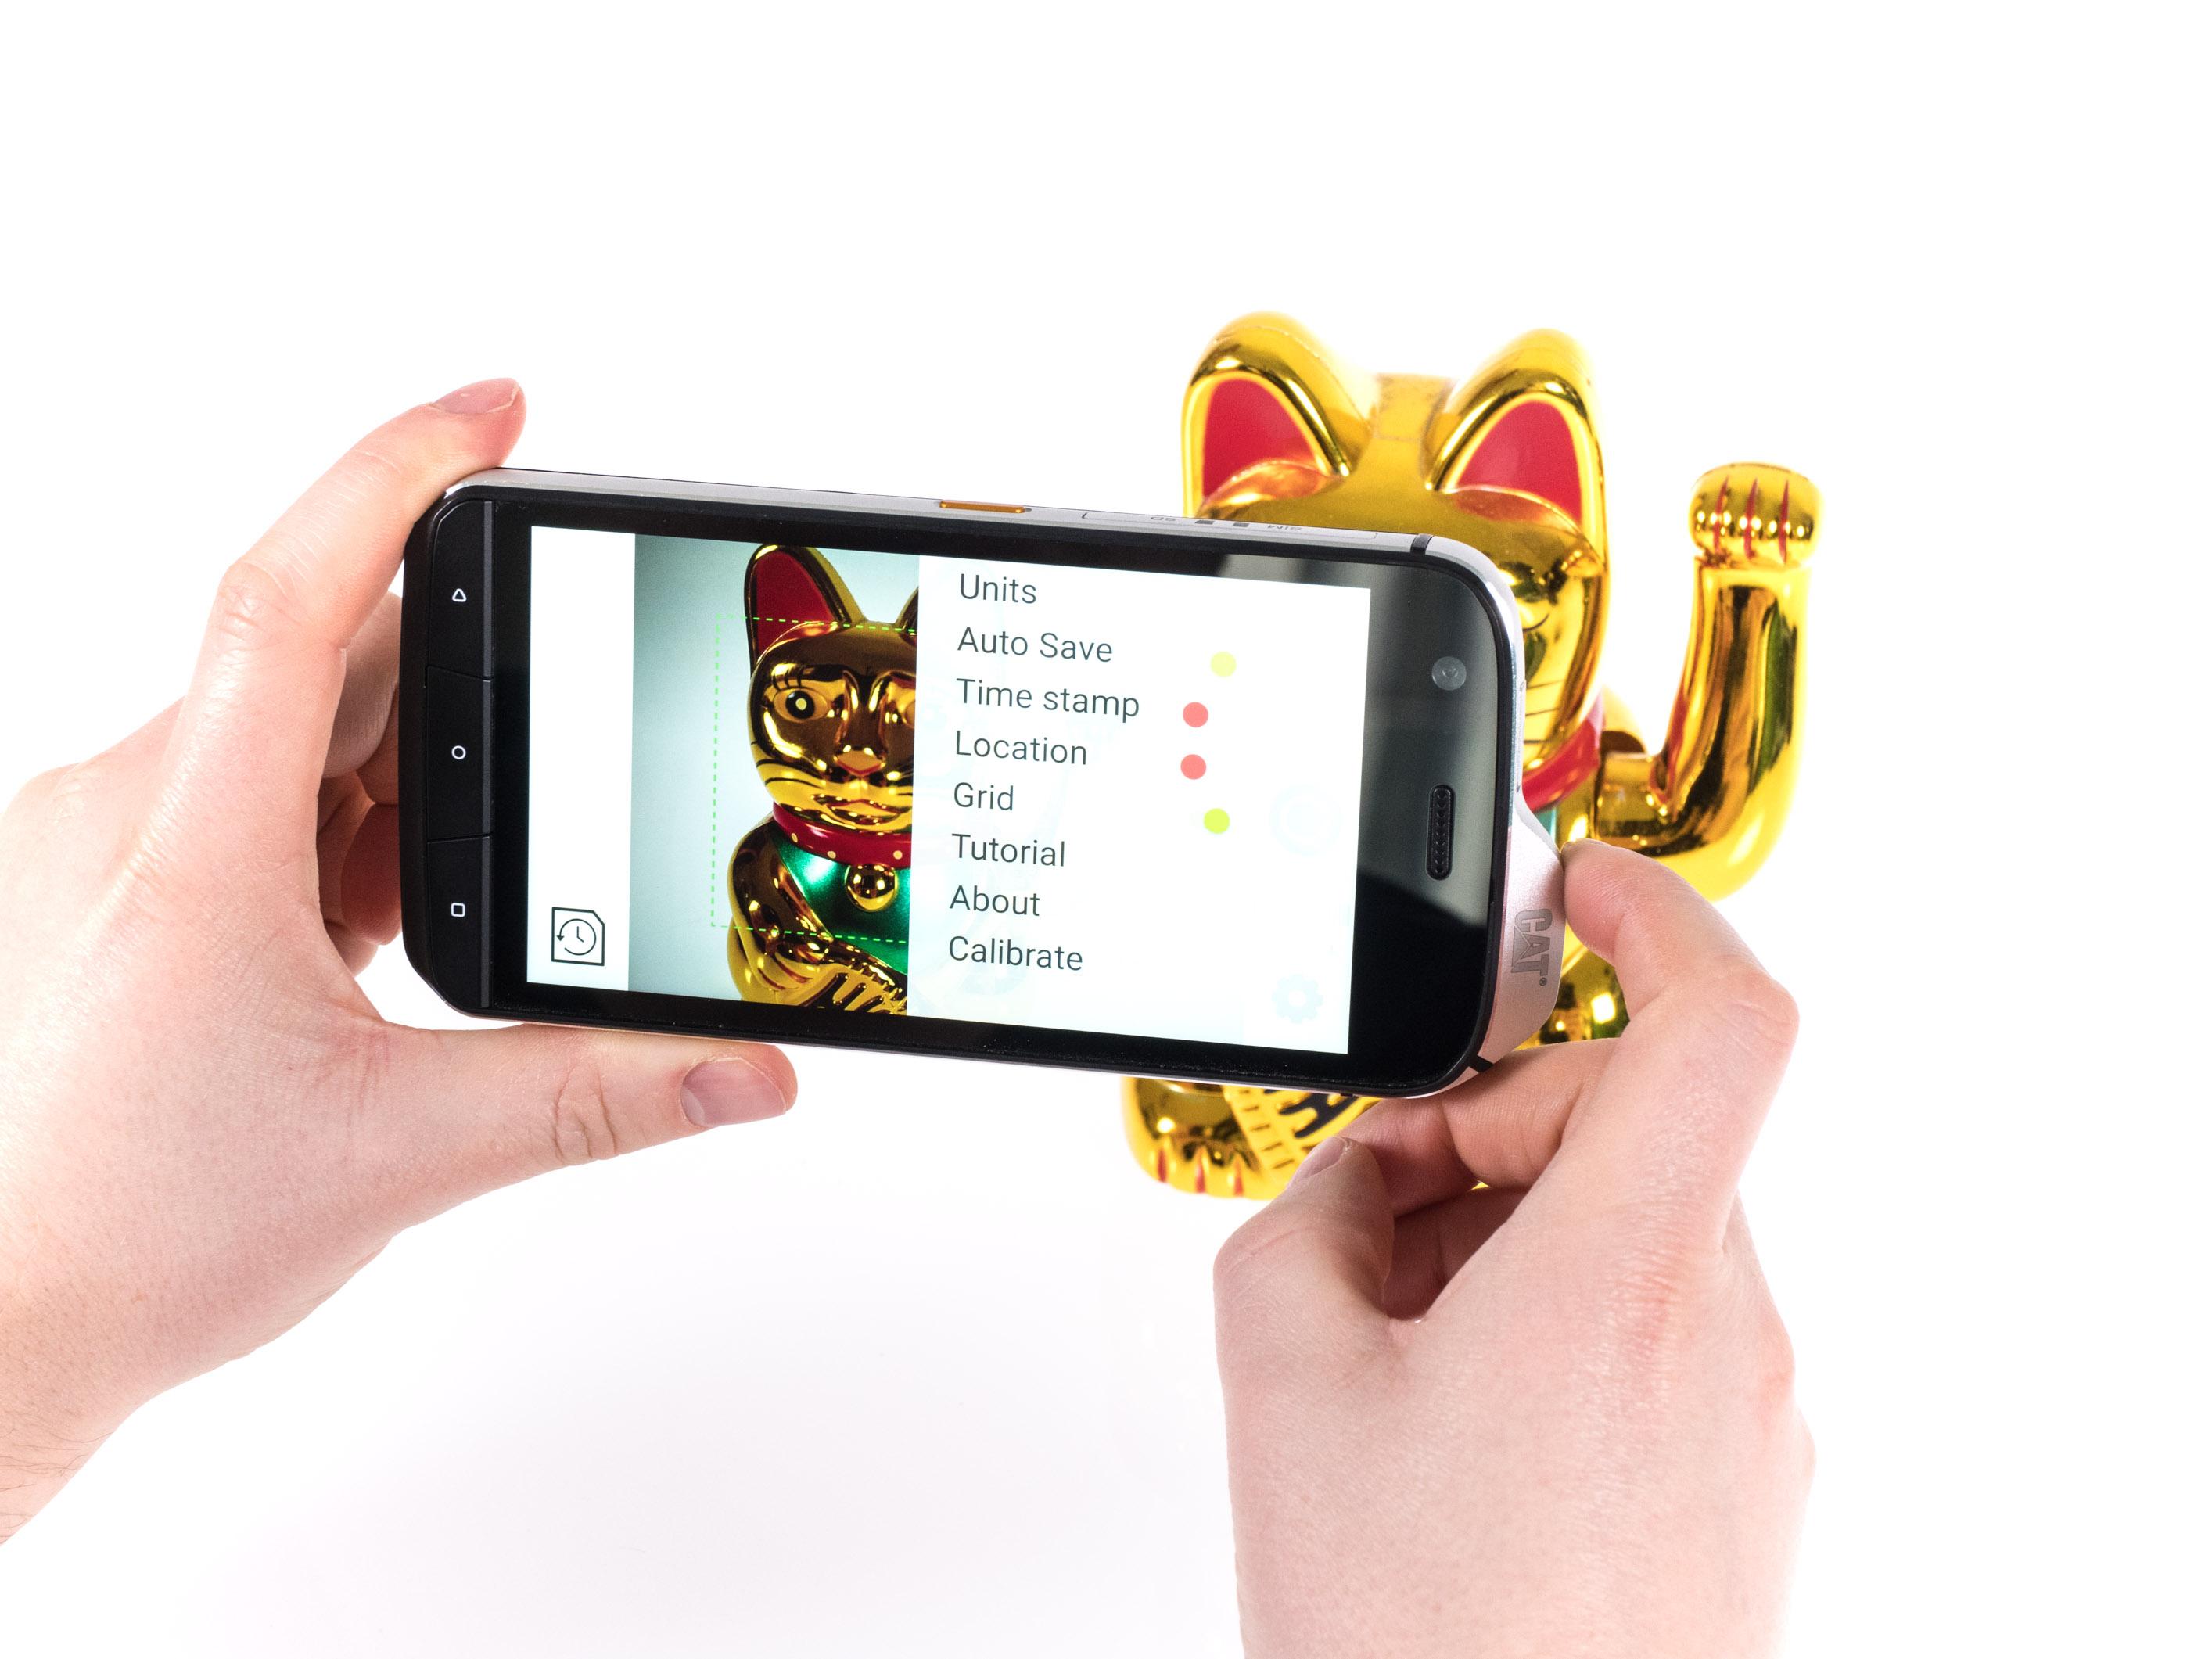 Cat S61 im Hands on: Smartphone kann Luftreinheit und Entfernungen messen - S61 mit 16-Megapixel-Kamera (Bild: Martin Wolf/Golem.de)